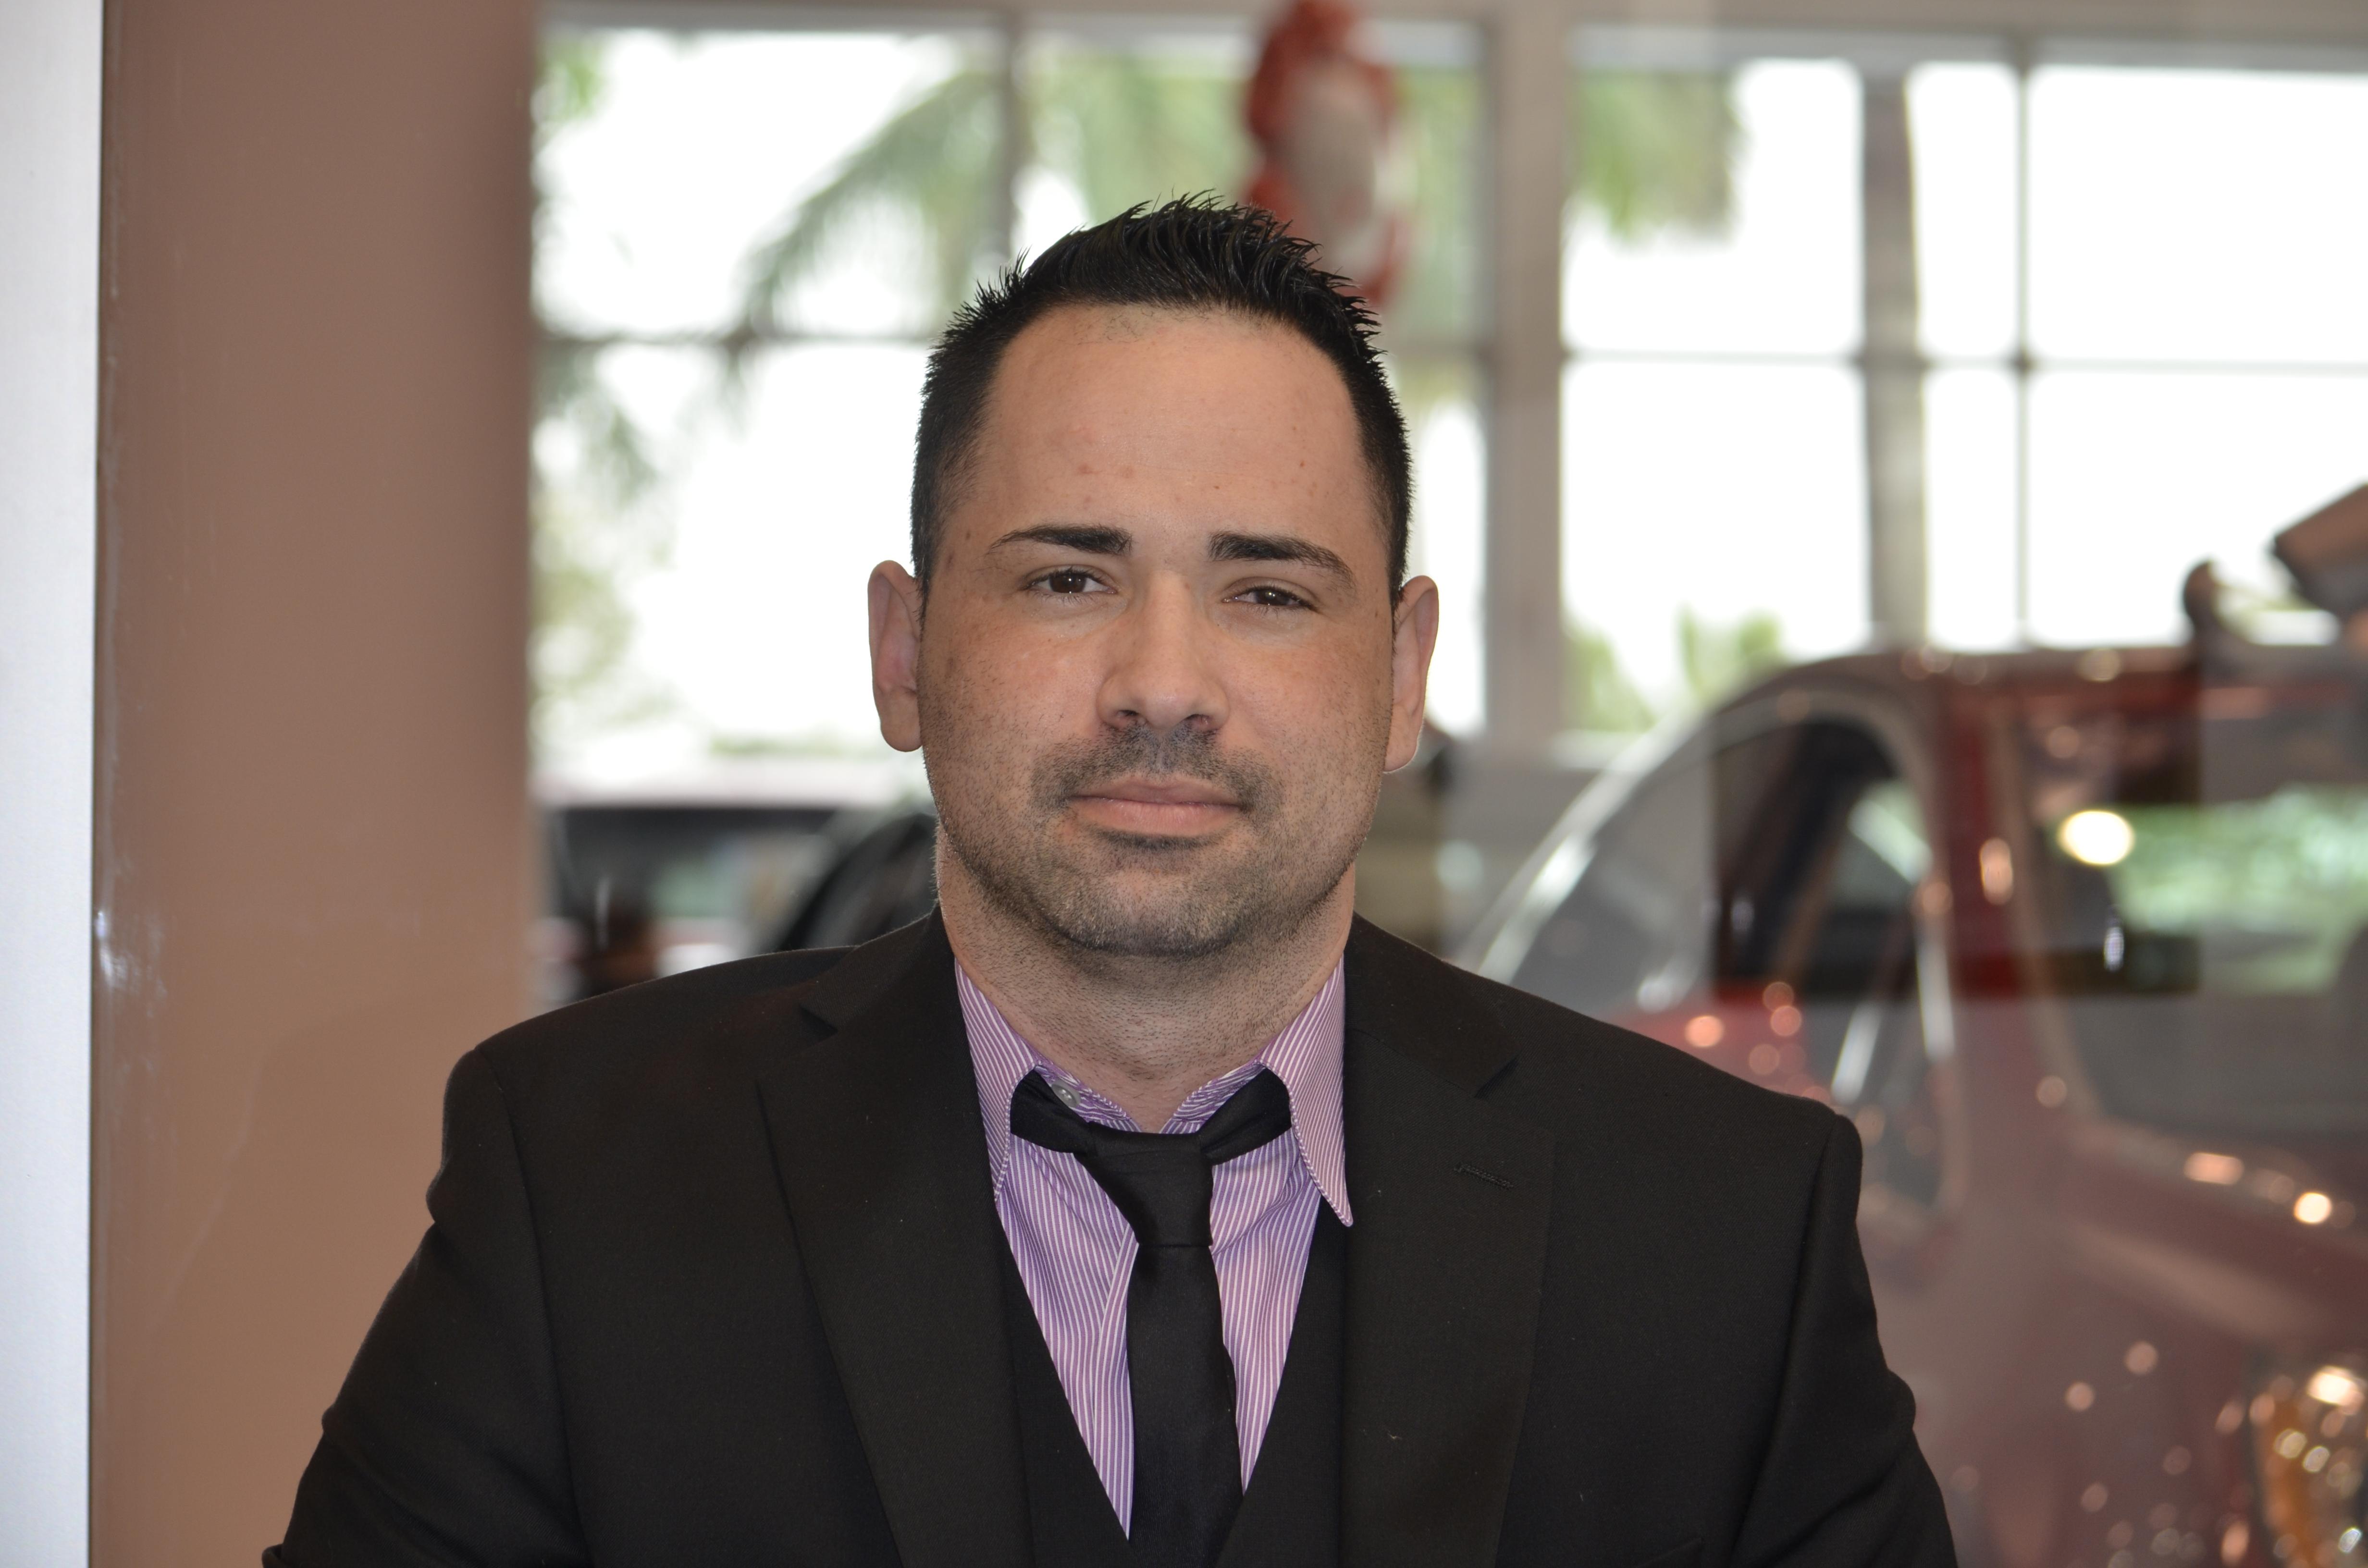 Joel Pineiro